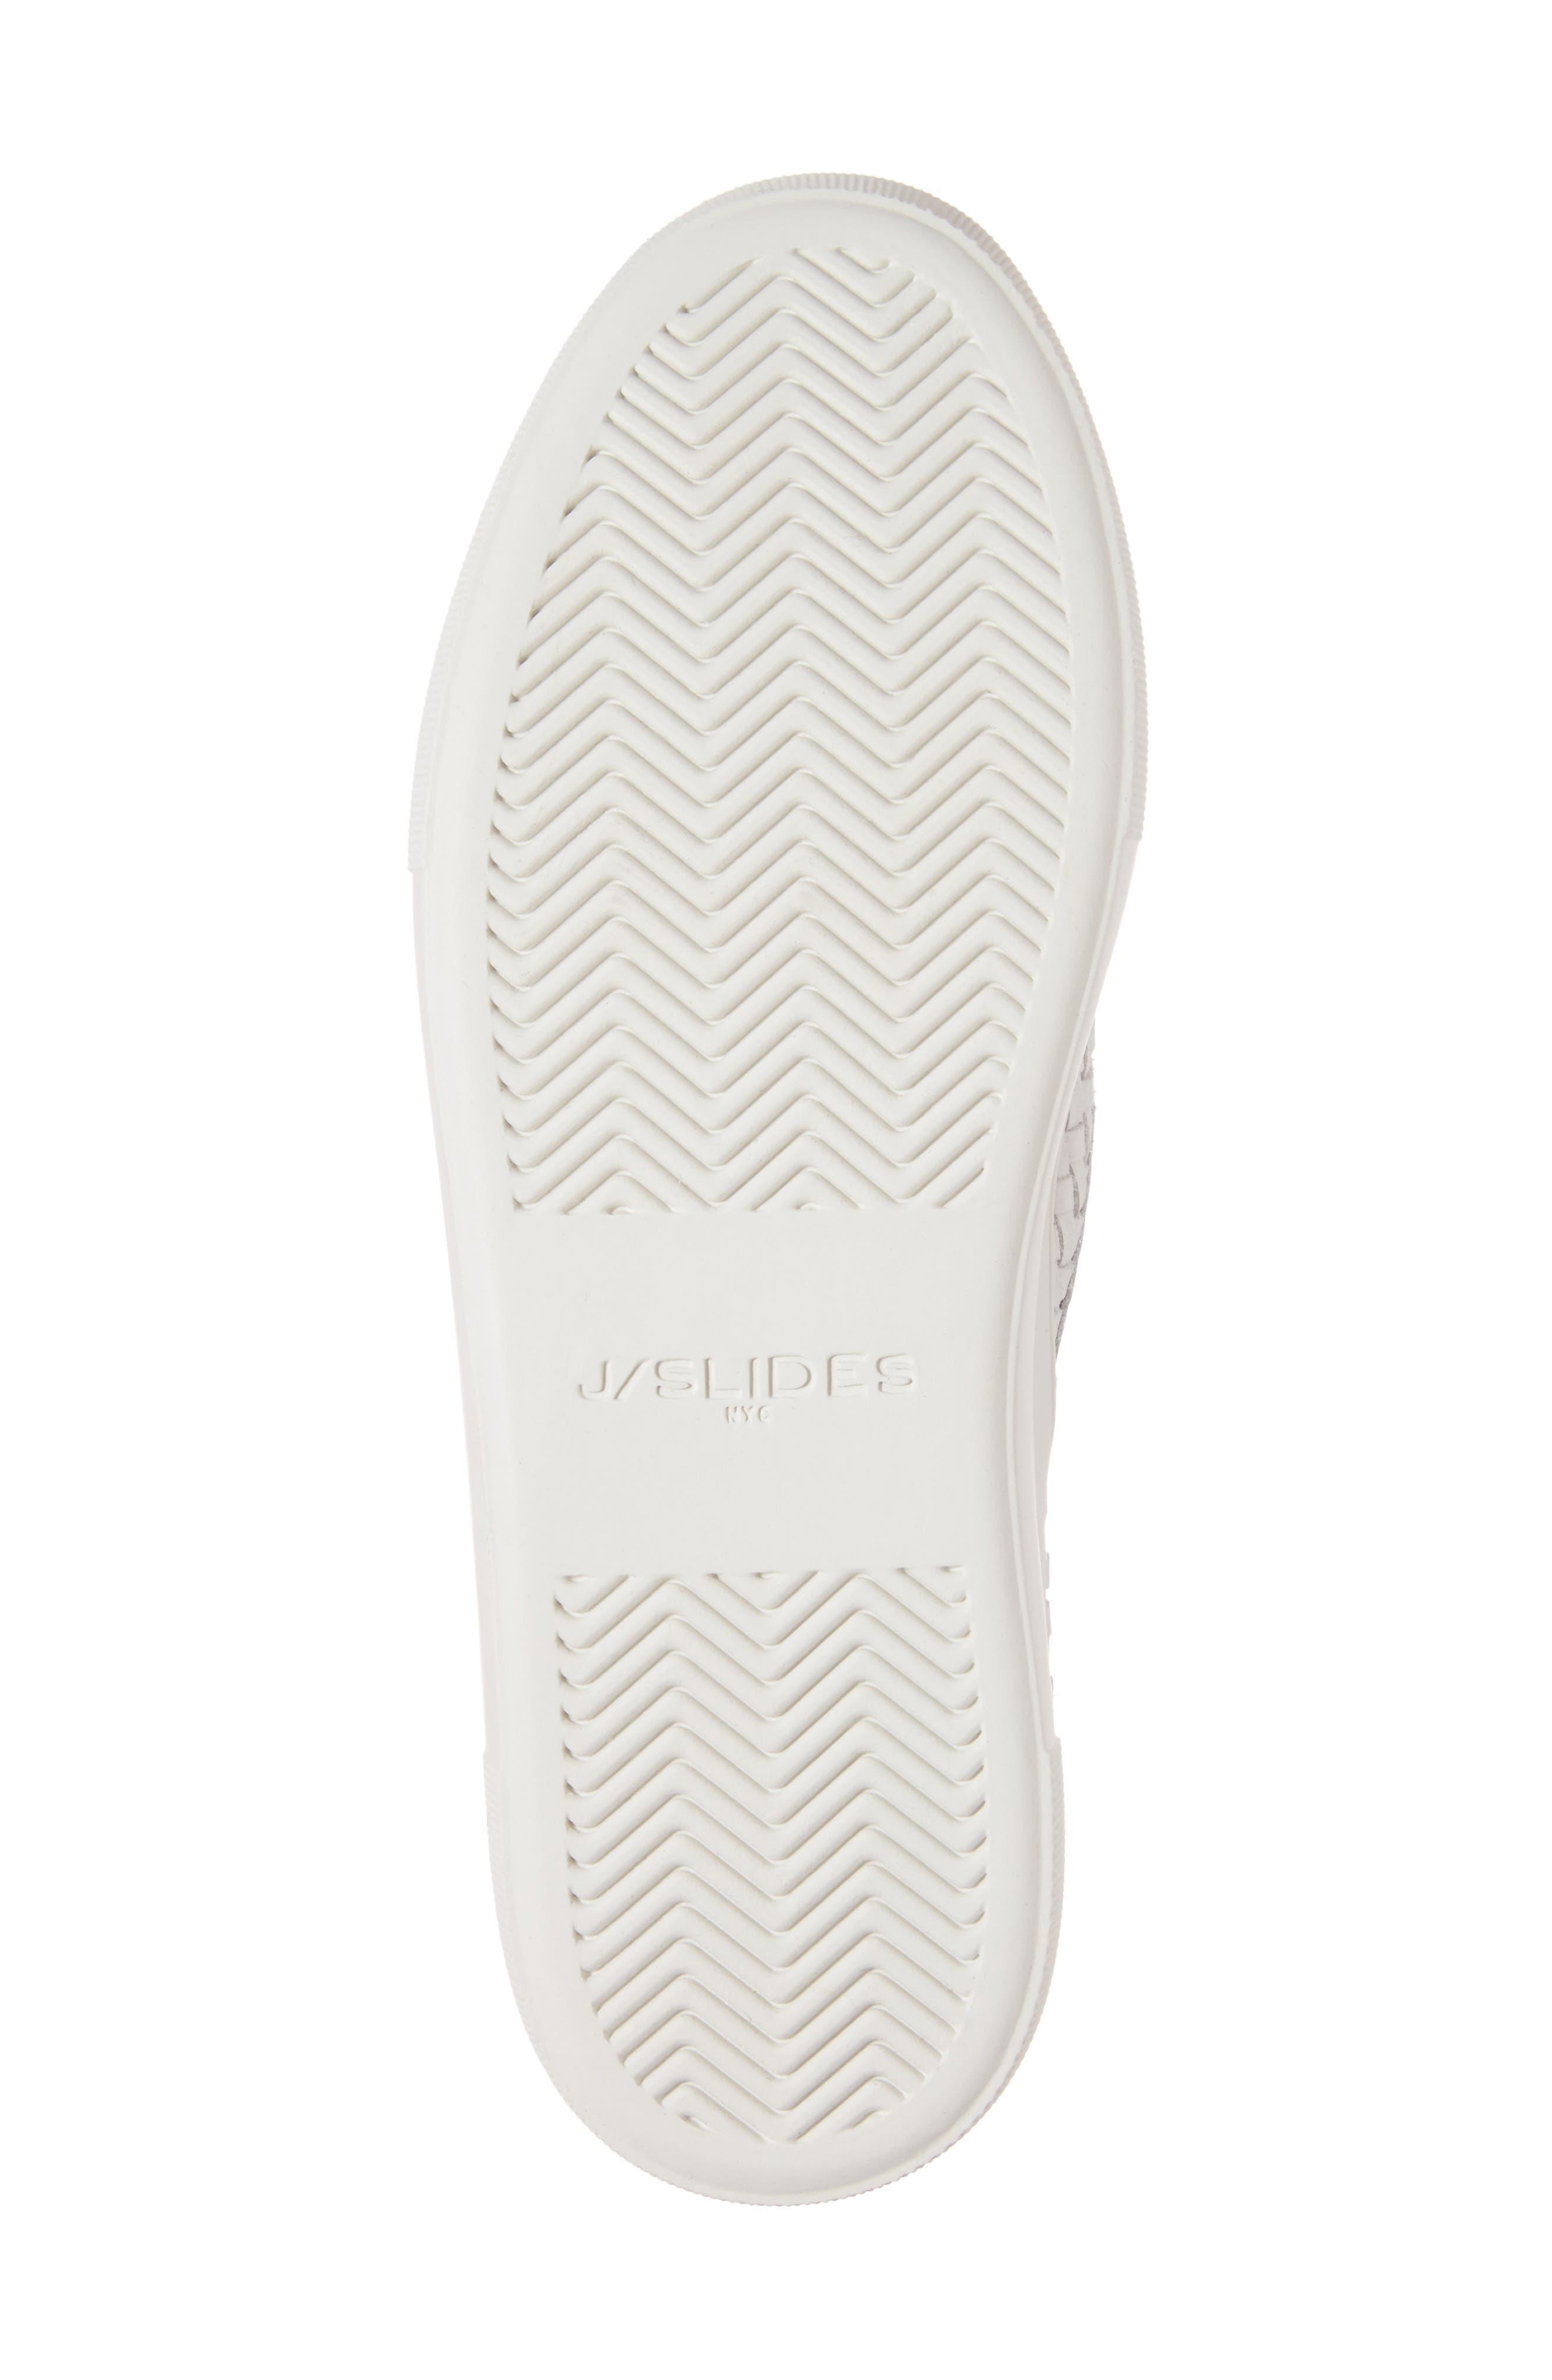 Alyssa Platform Slip-On Sneaker,                             Alternate thumbnail 6, color,                             White Leather